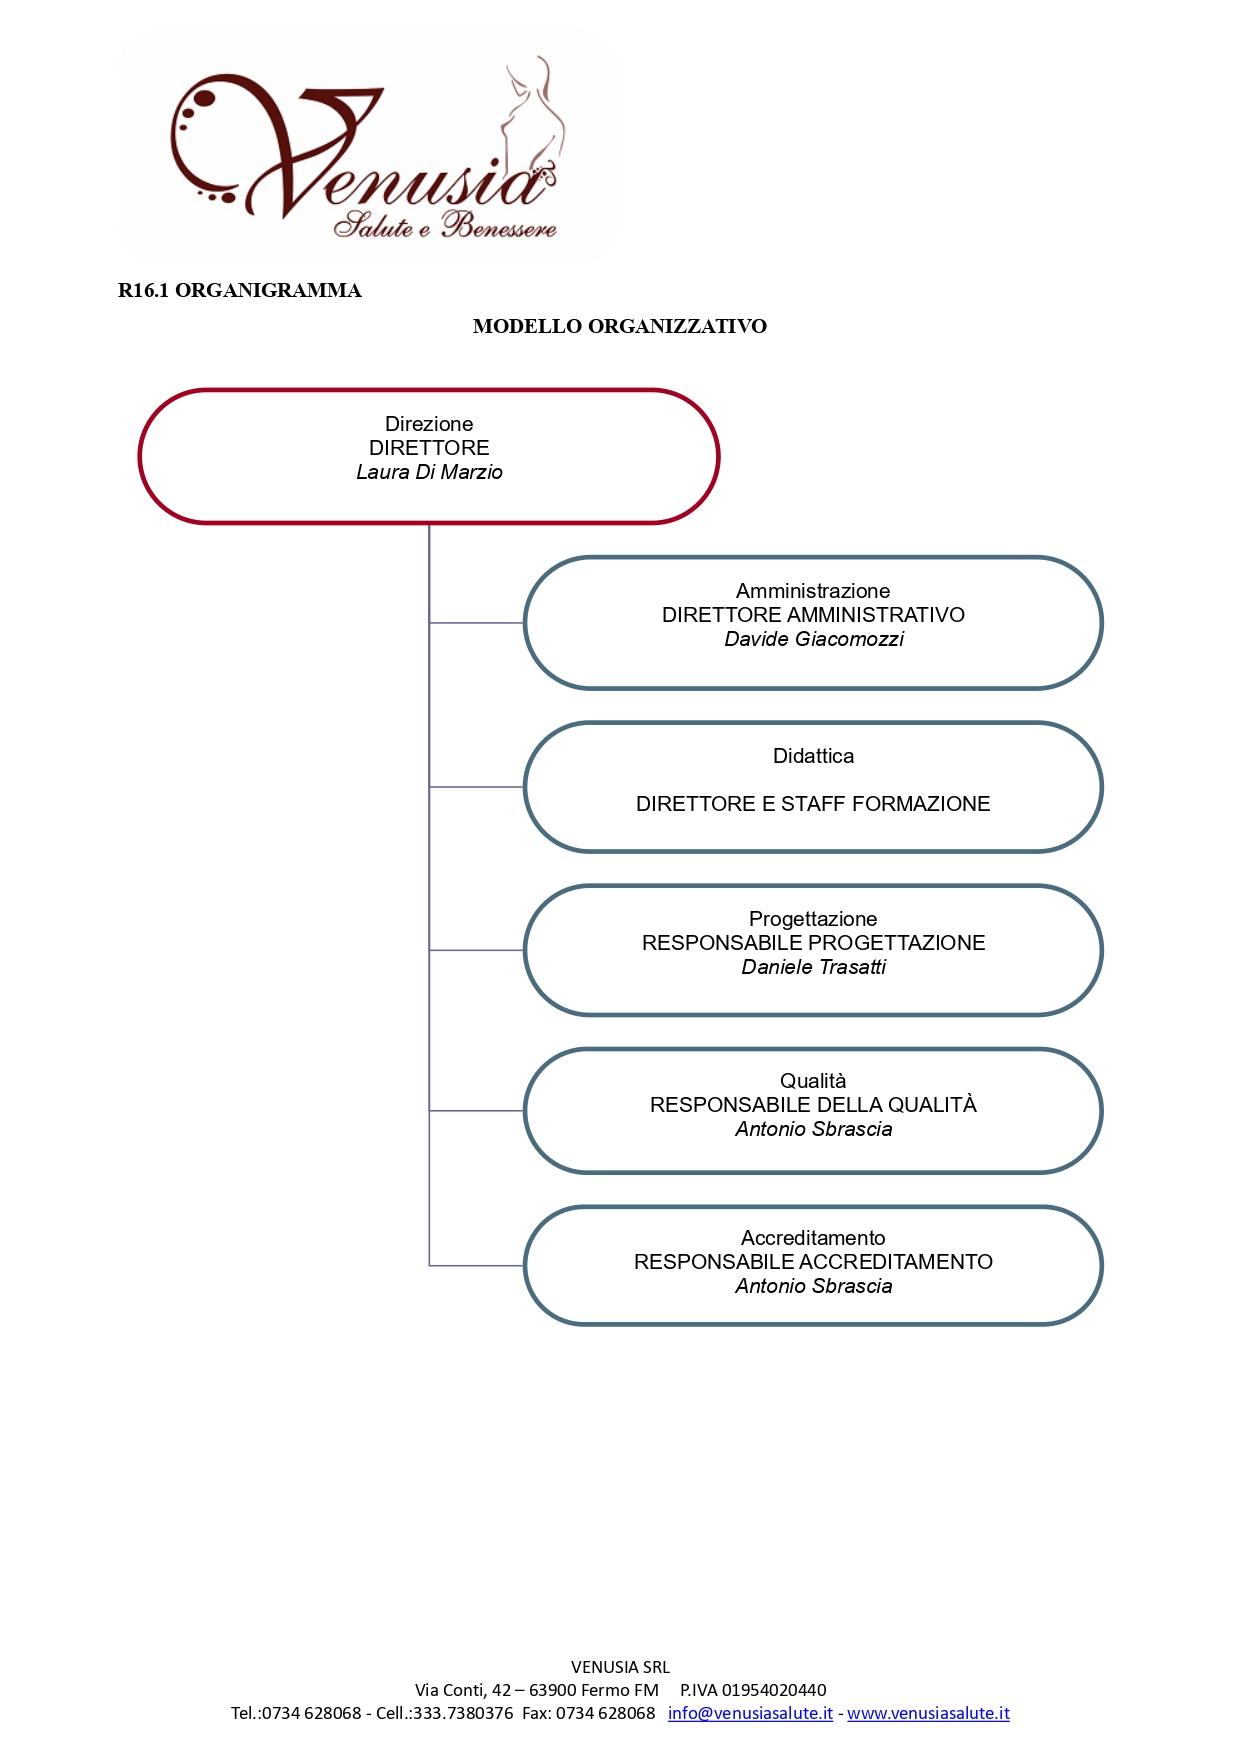 Accademia Venusia modello organizzativo